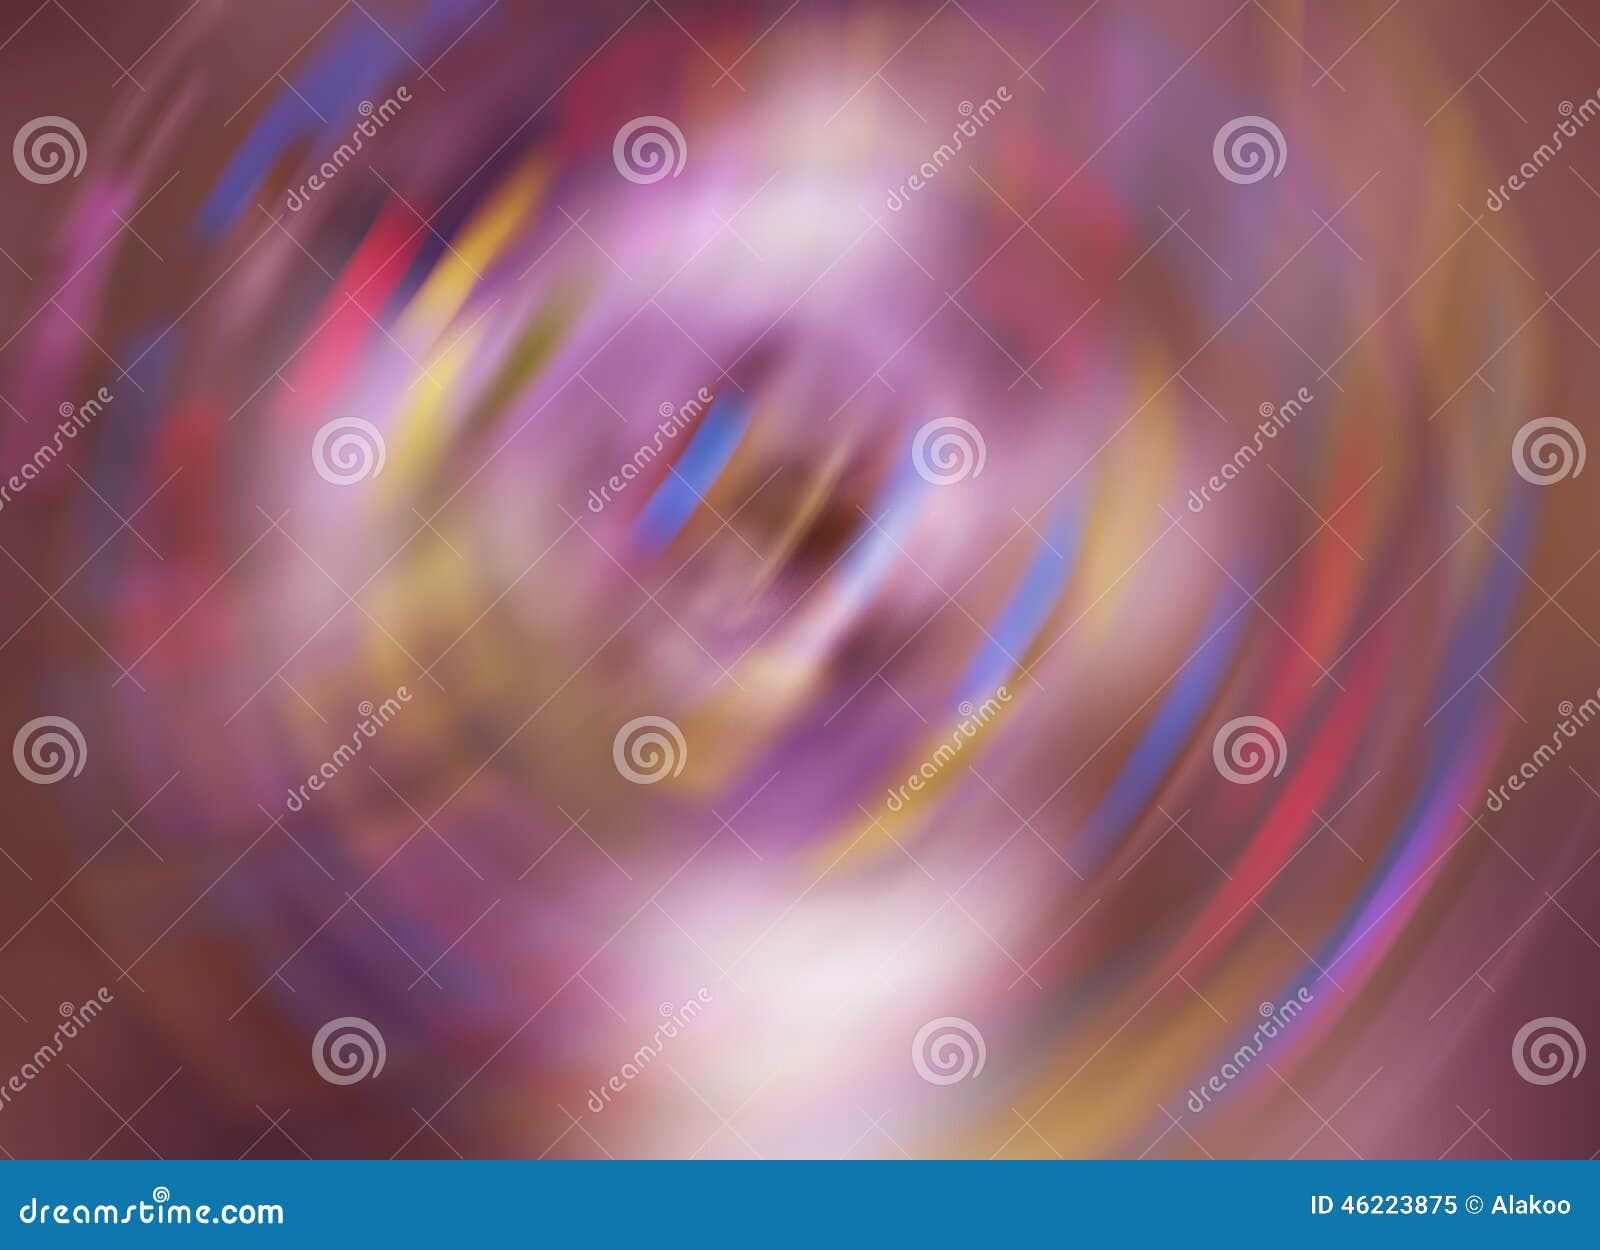 Colora o fundo abstrato de giro do borrão de movimento da velocidade, gire o teste padrão borrado rotação